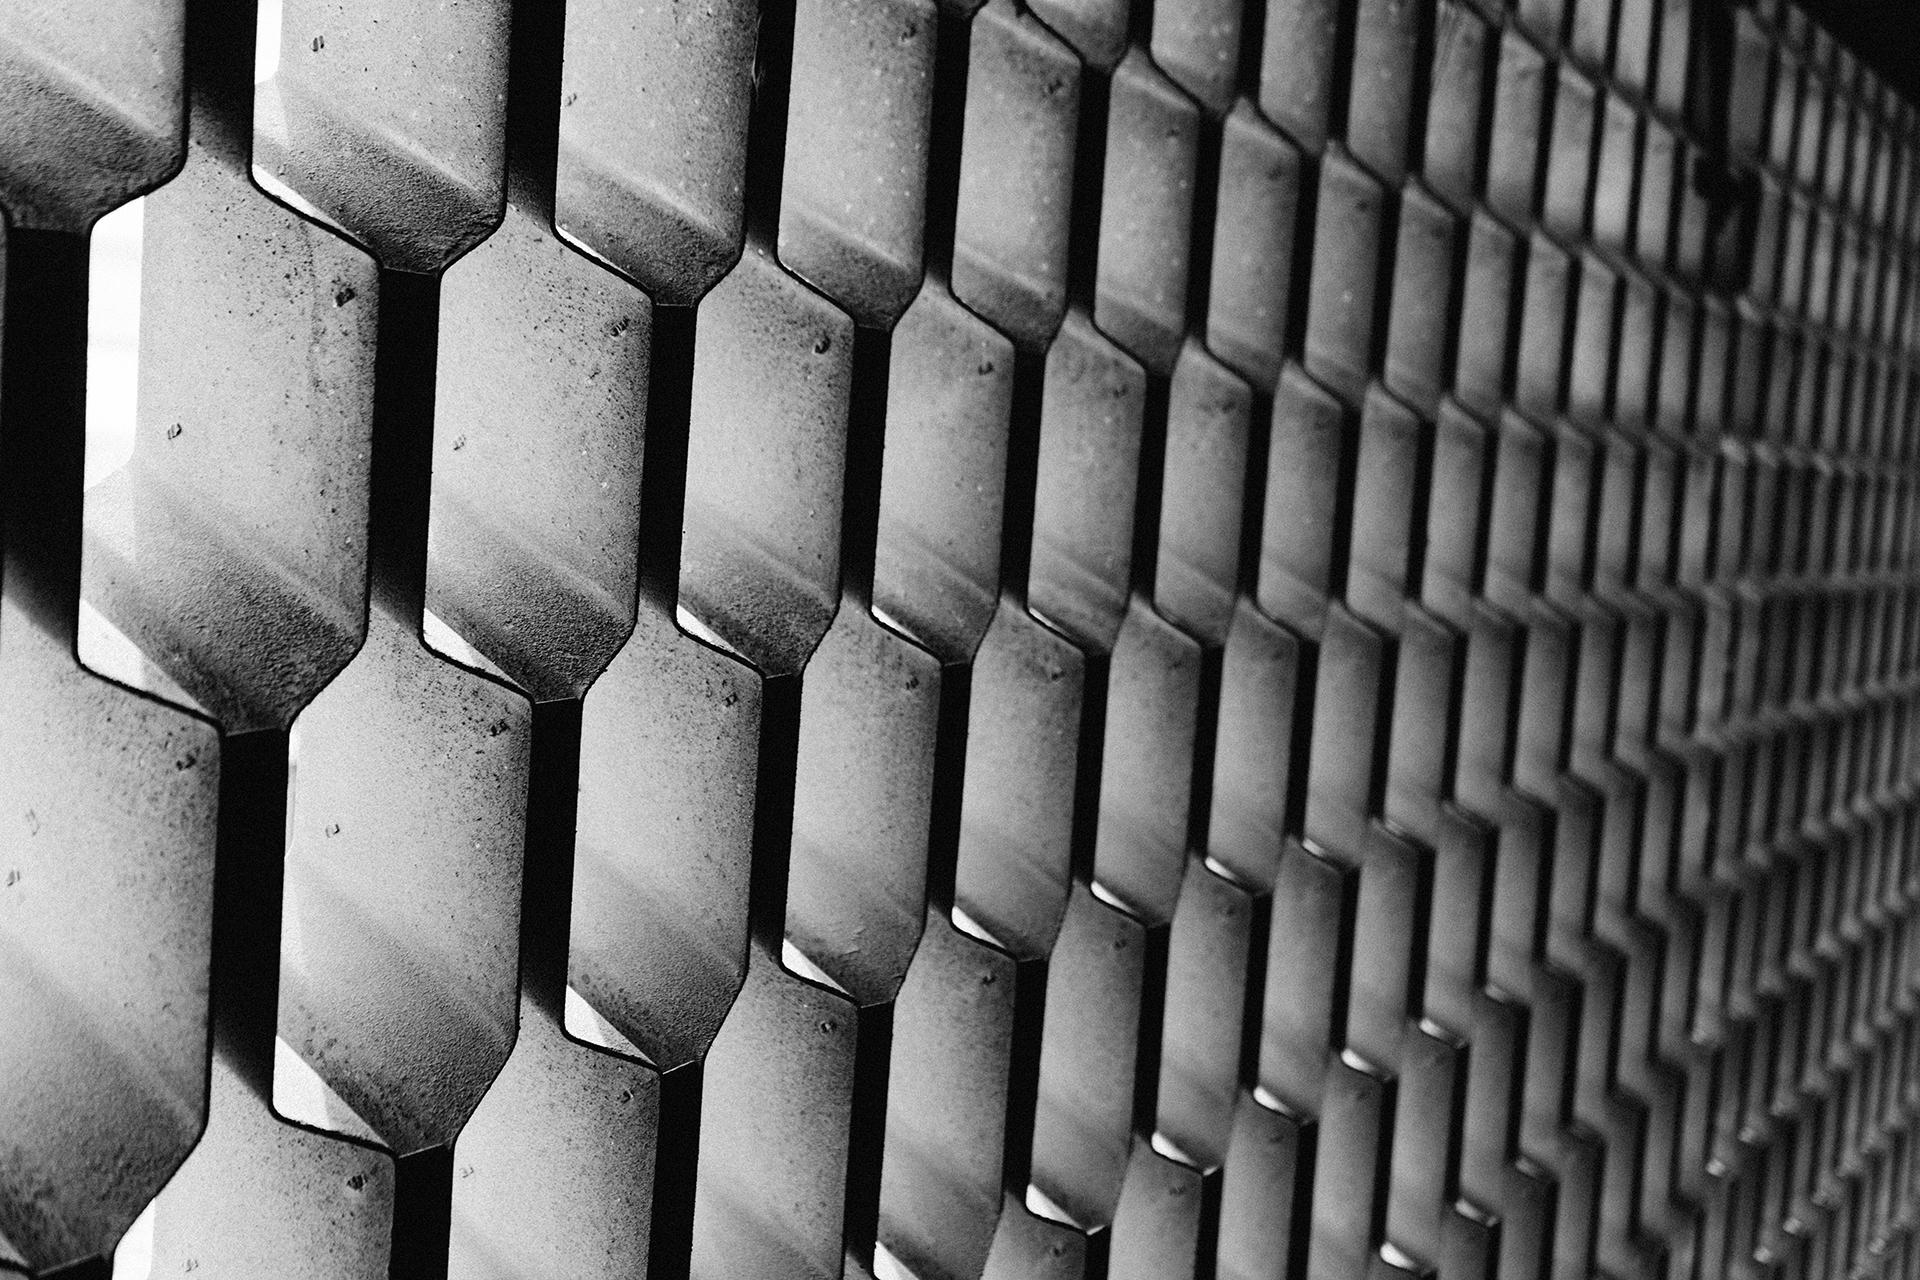 金属, パターン, ハイブ, 穴, 黒と白の - HD の壁紙 - 教授-falken.com